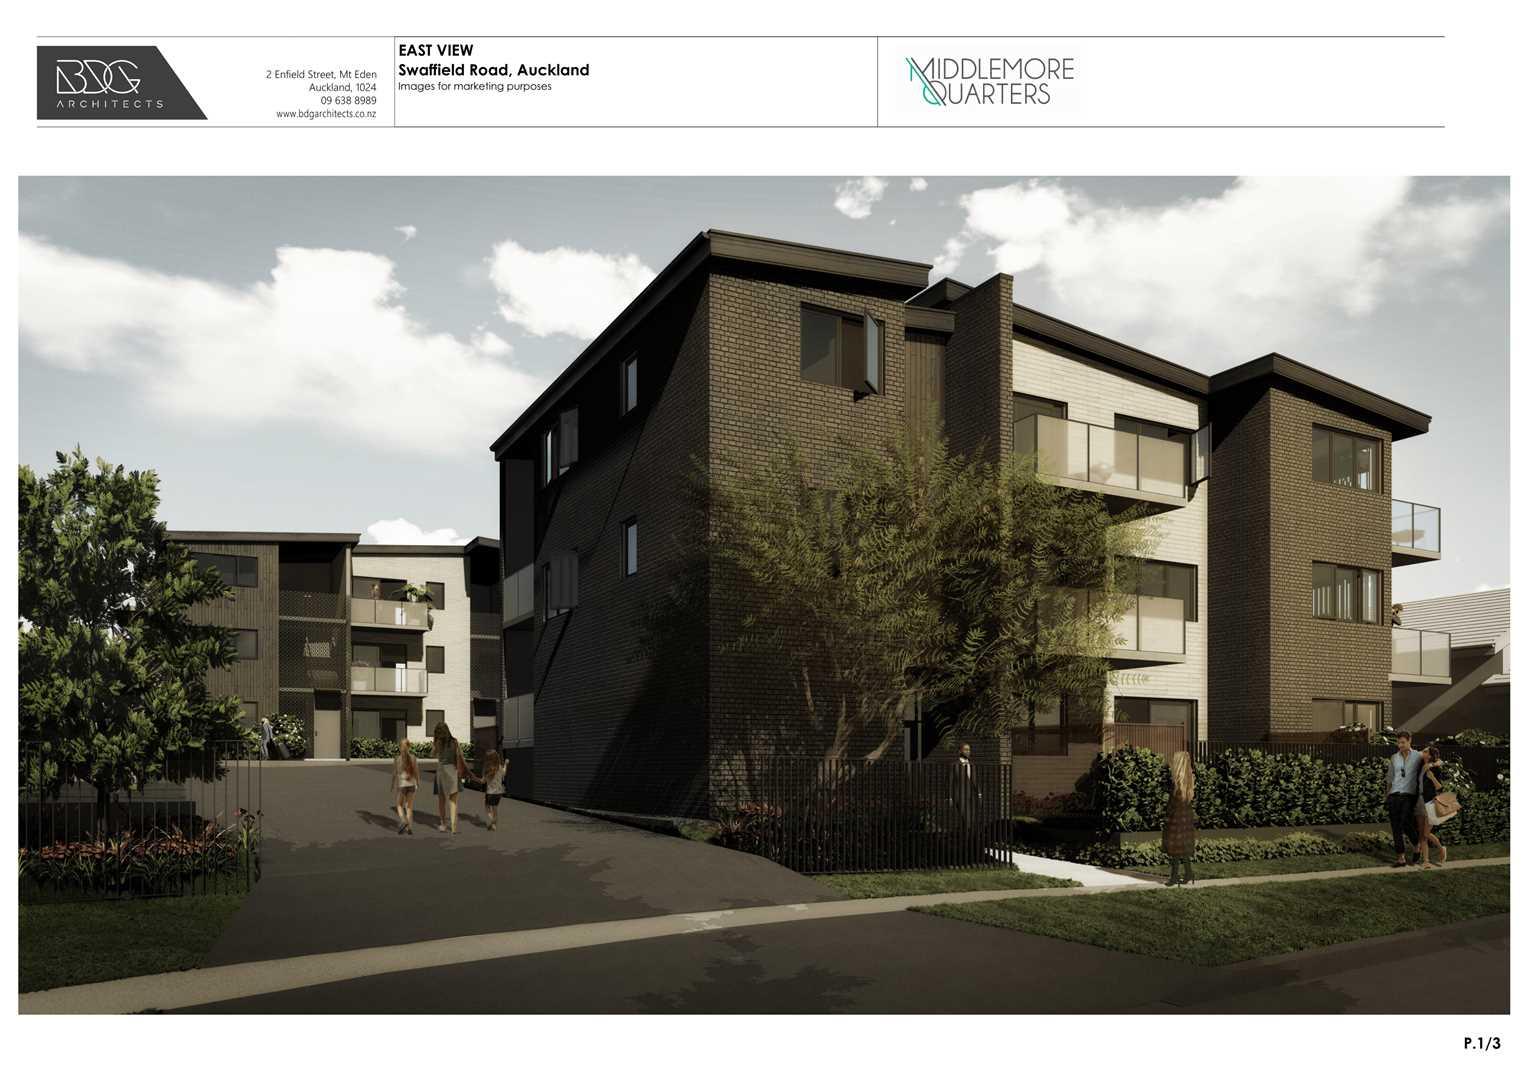 Middlemore Quarters: Easy-Care Living